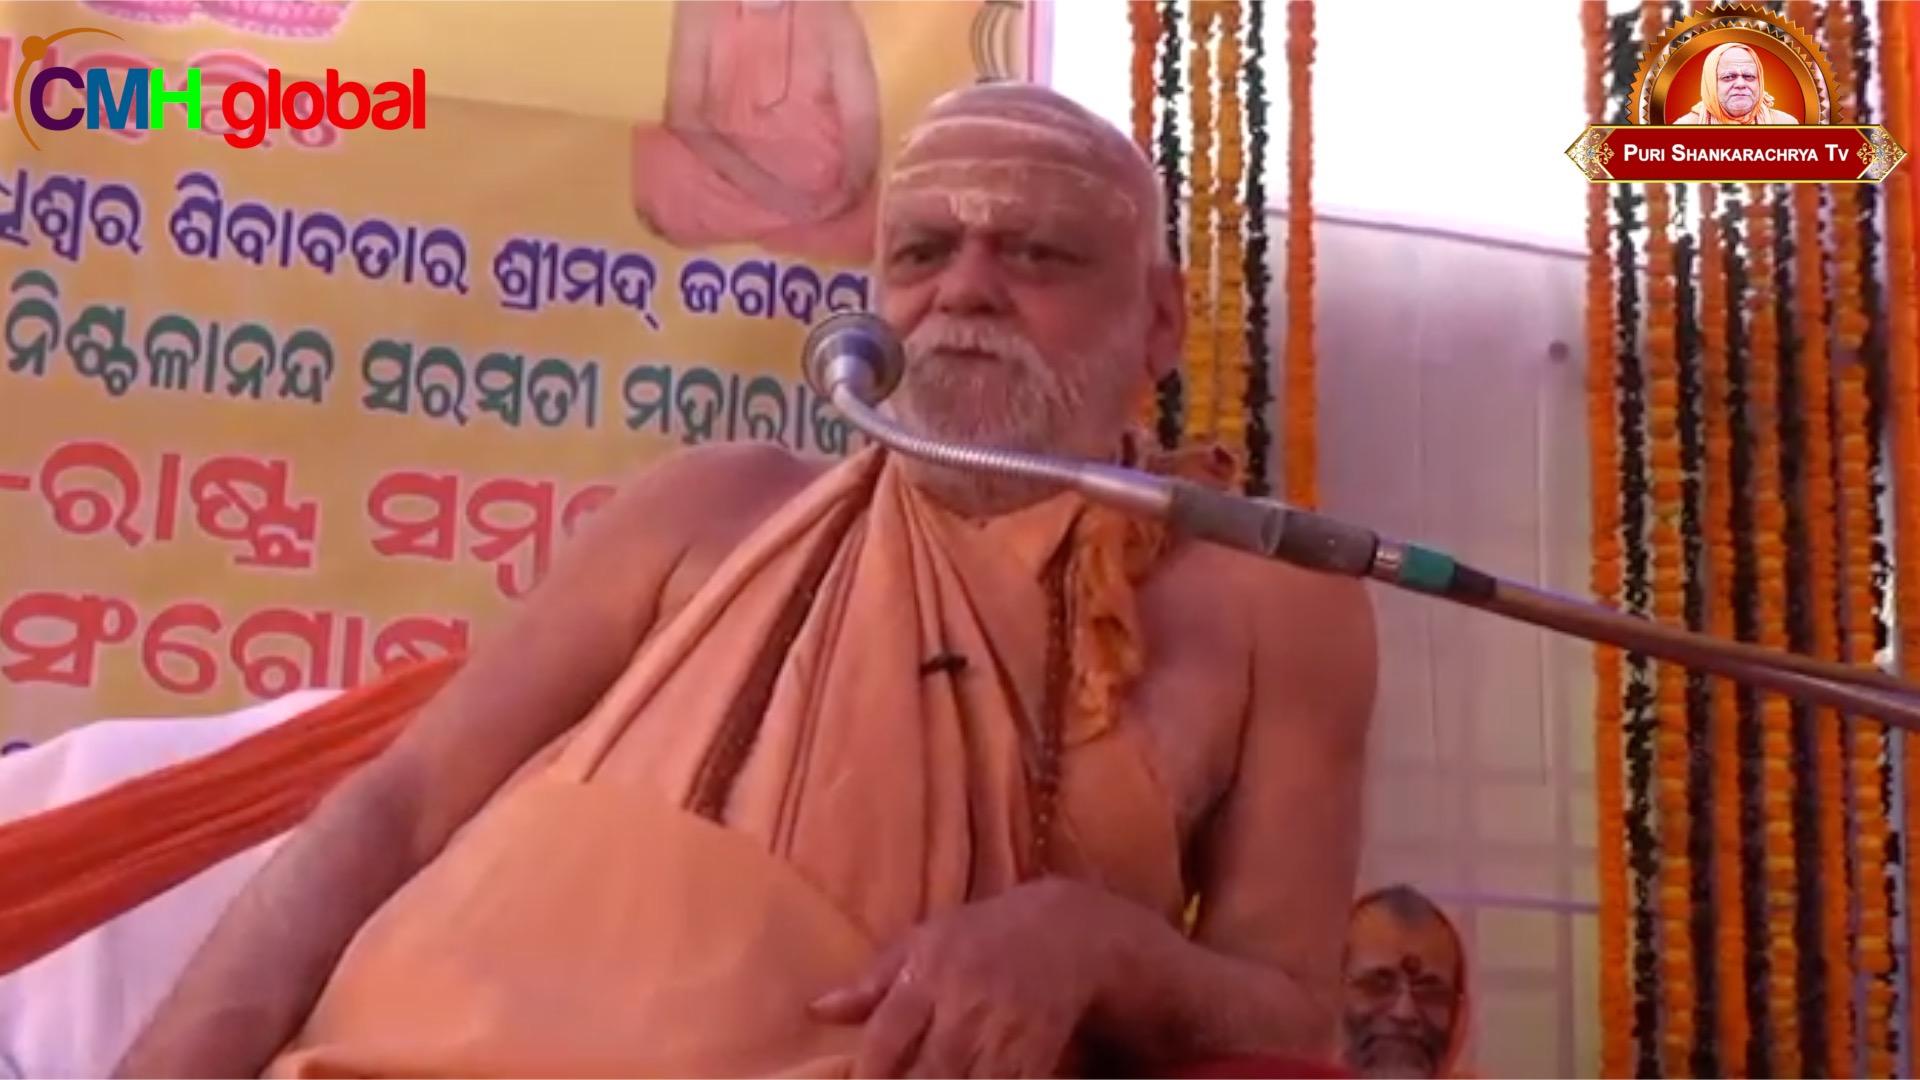 Pravachan Ep -04 by Puri Shankaracharya Swami Nishchalananda Saraswati Ji